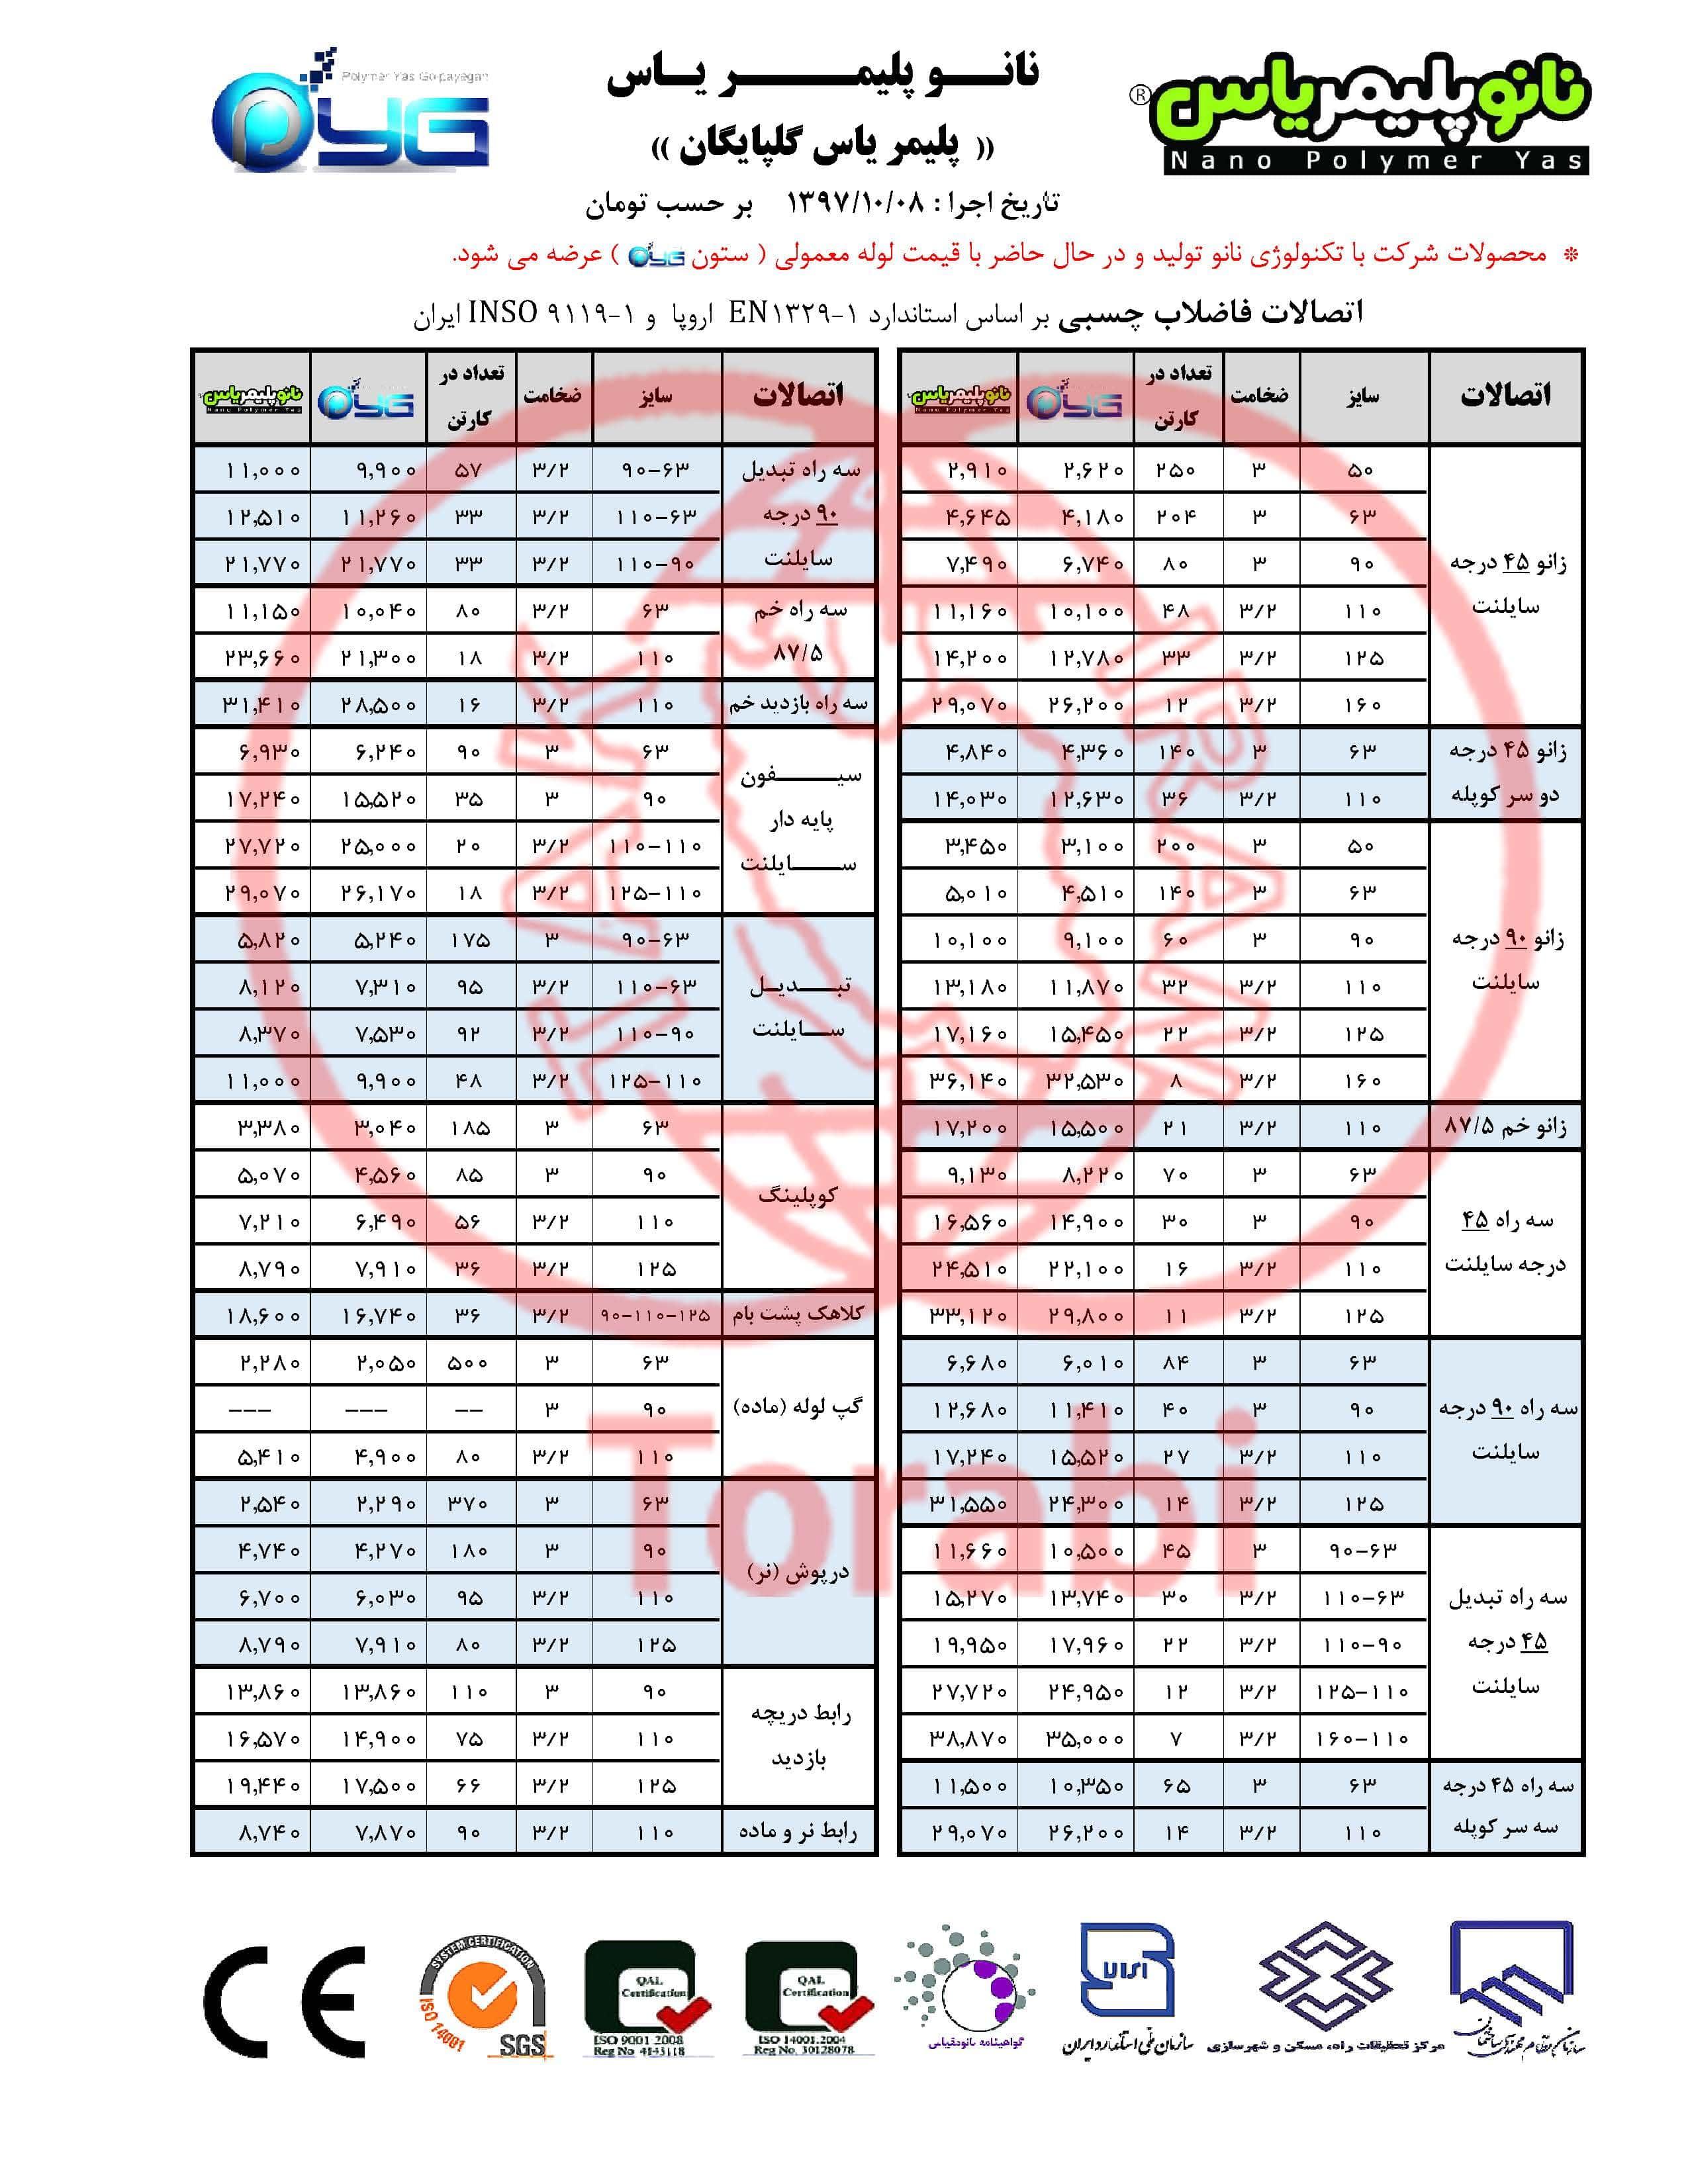 لیست قیمت پلیمر یاس گلپایگان 97/10/08 صفحه 2